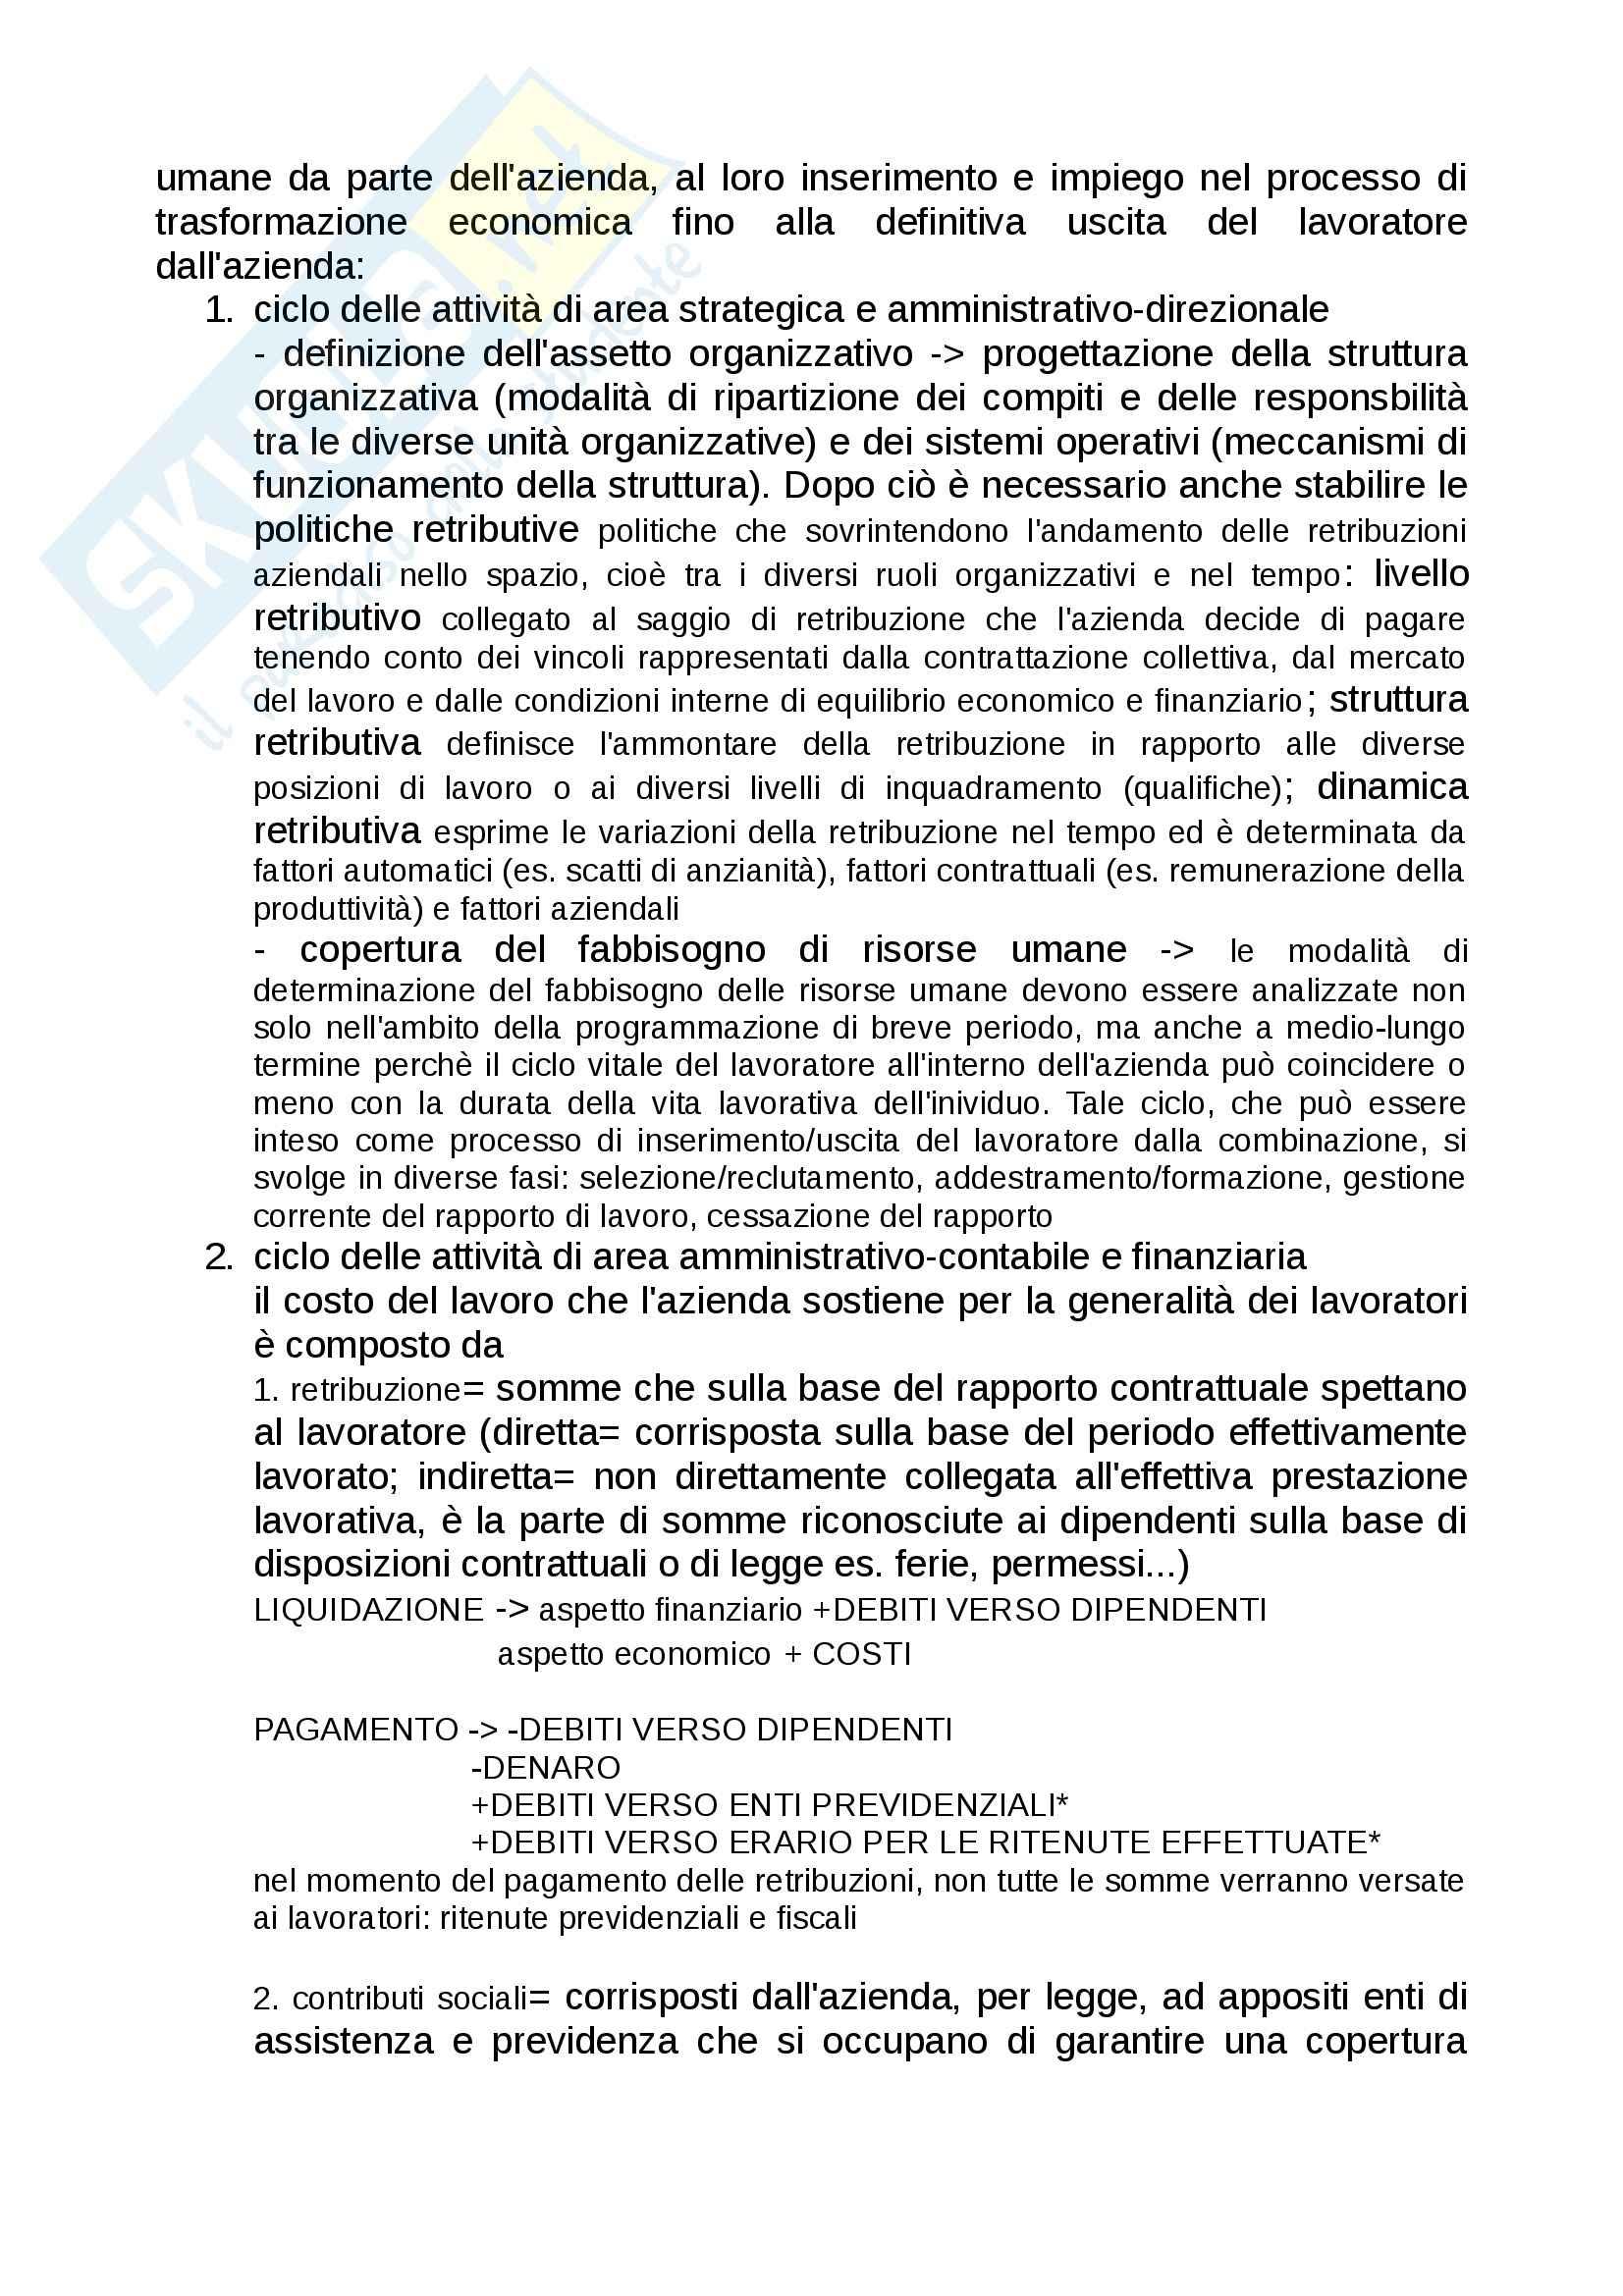 sunto Economia, prof. Paolini, libro consigliato Introduzione all'economia aziendale, Ricci Pag. 26